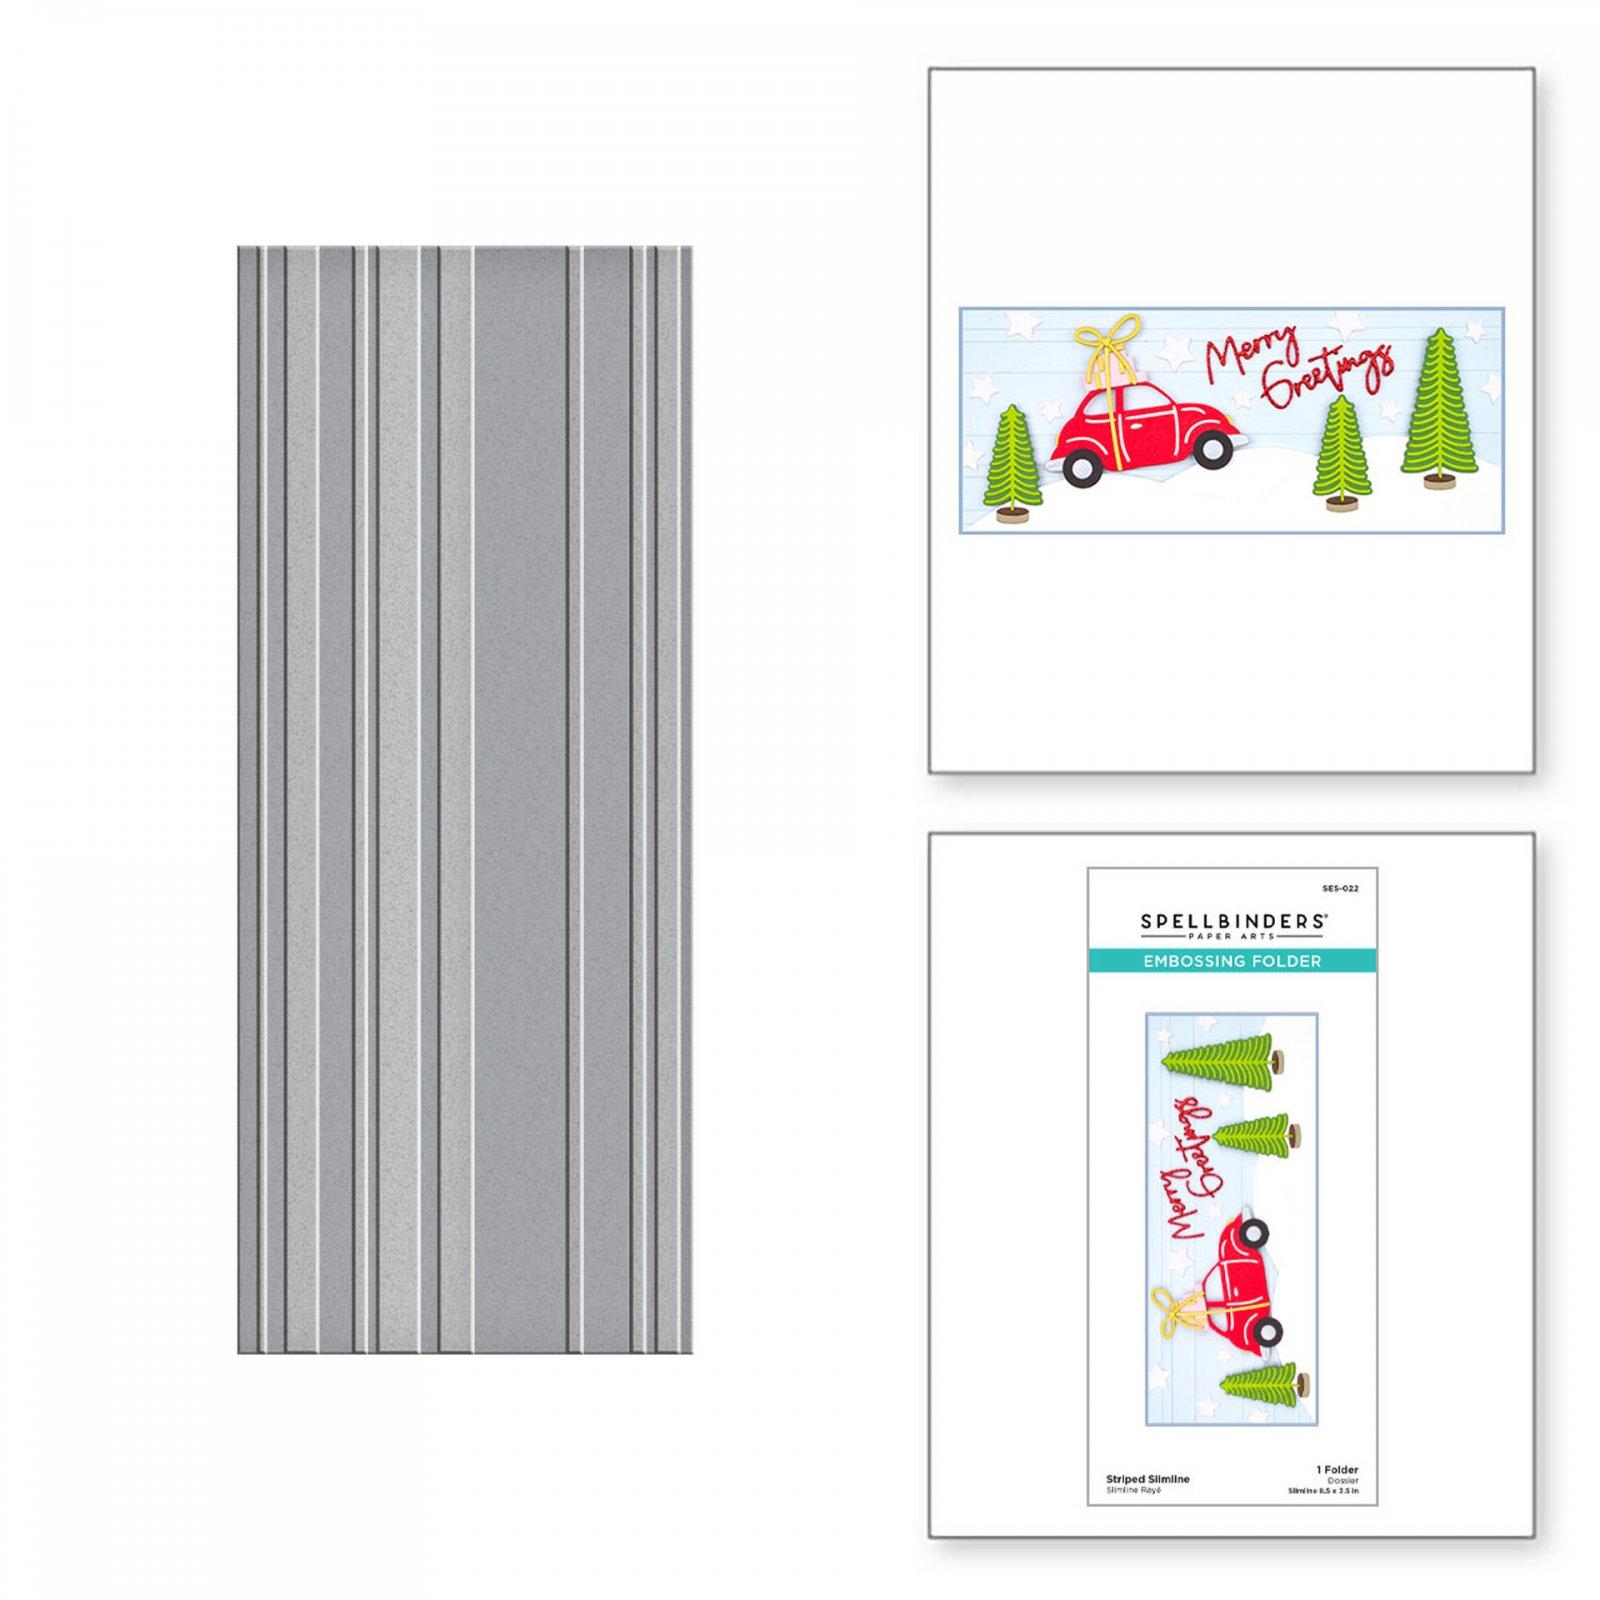 Spellbinders - Embossing Folder - Striped Slimline